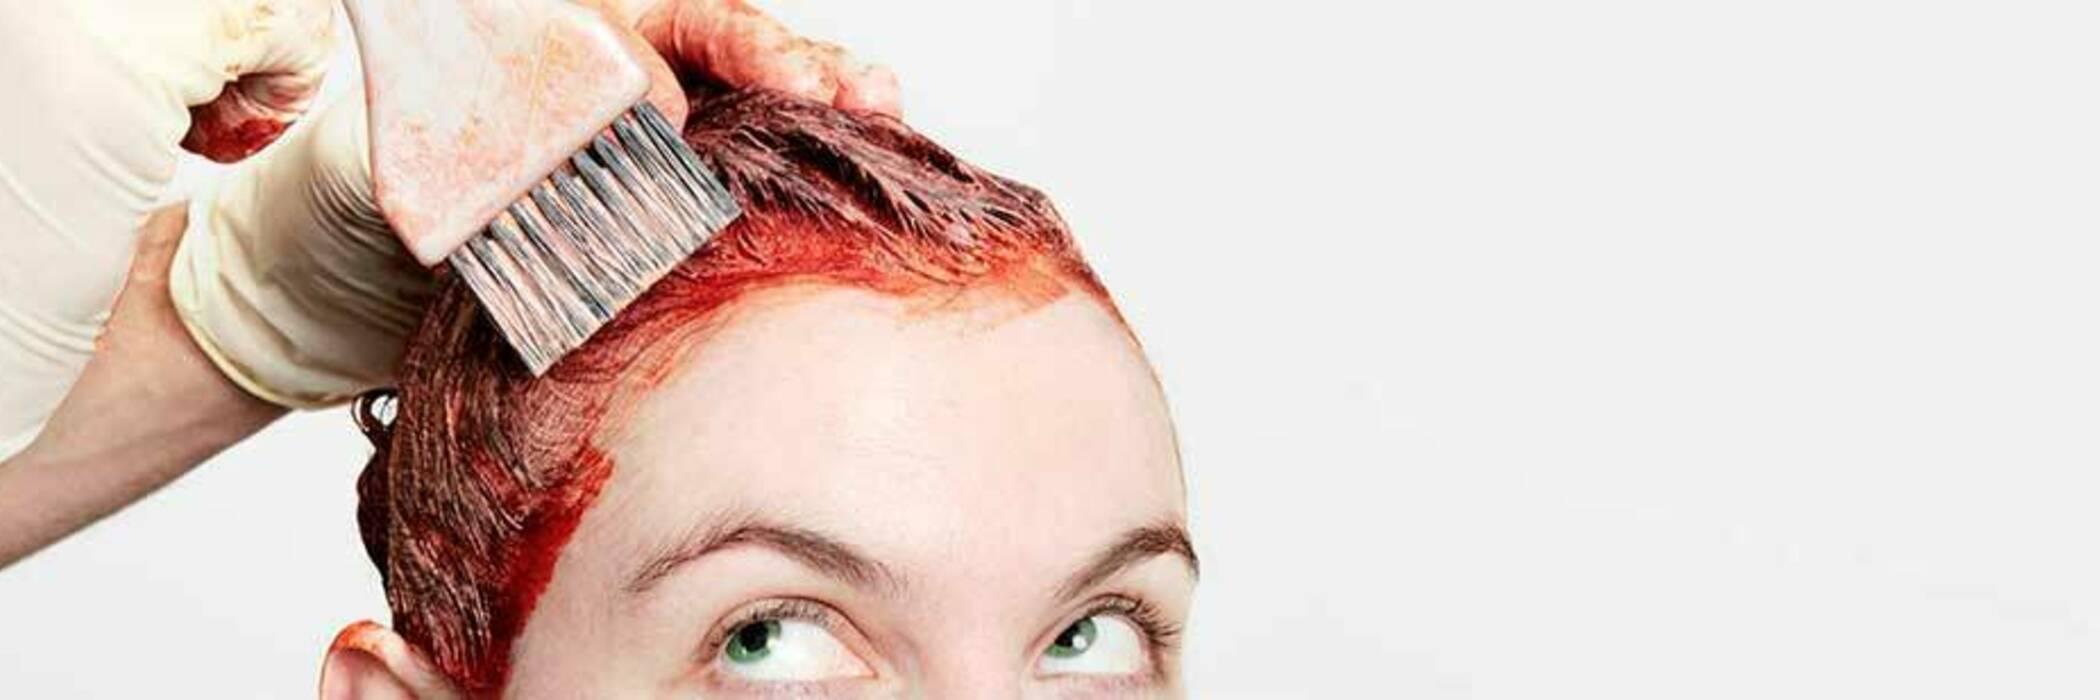 Brushing red dye onto hair.